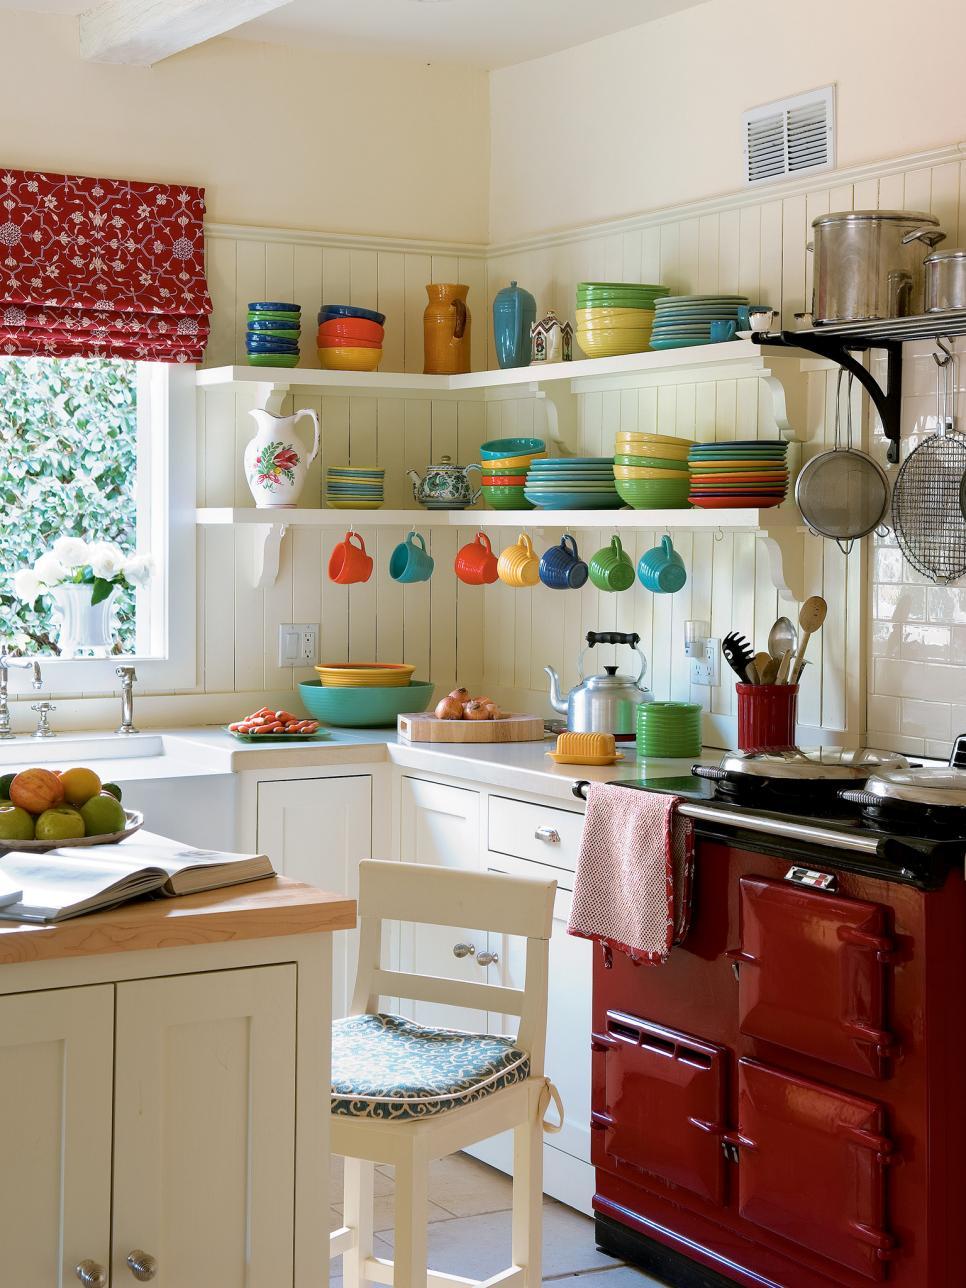 Кухня в хрущевке с полкамиКухня в хрущевке с полками